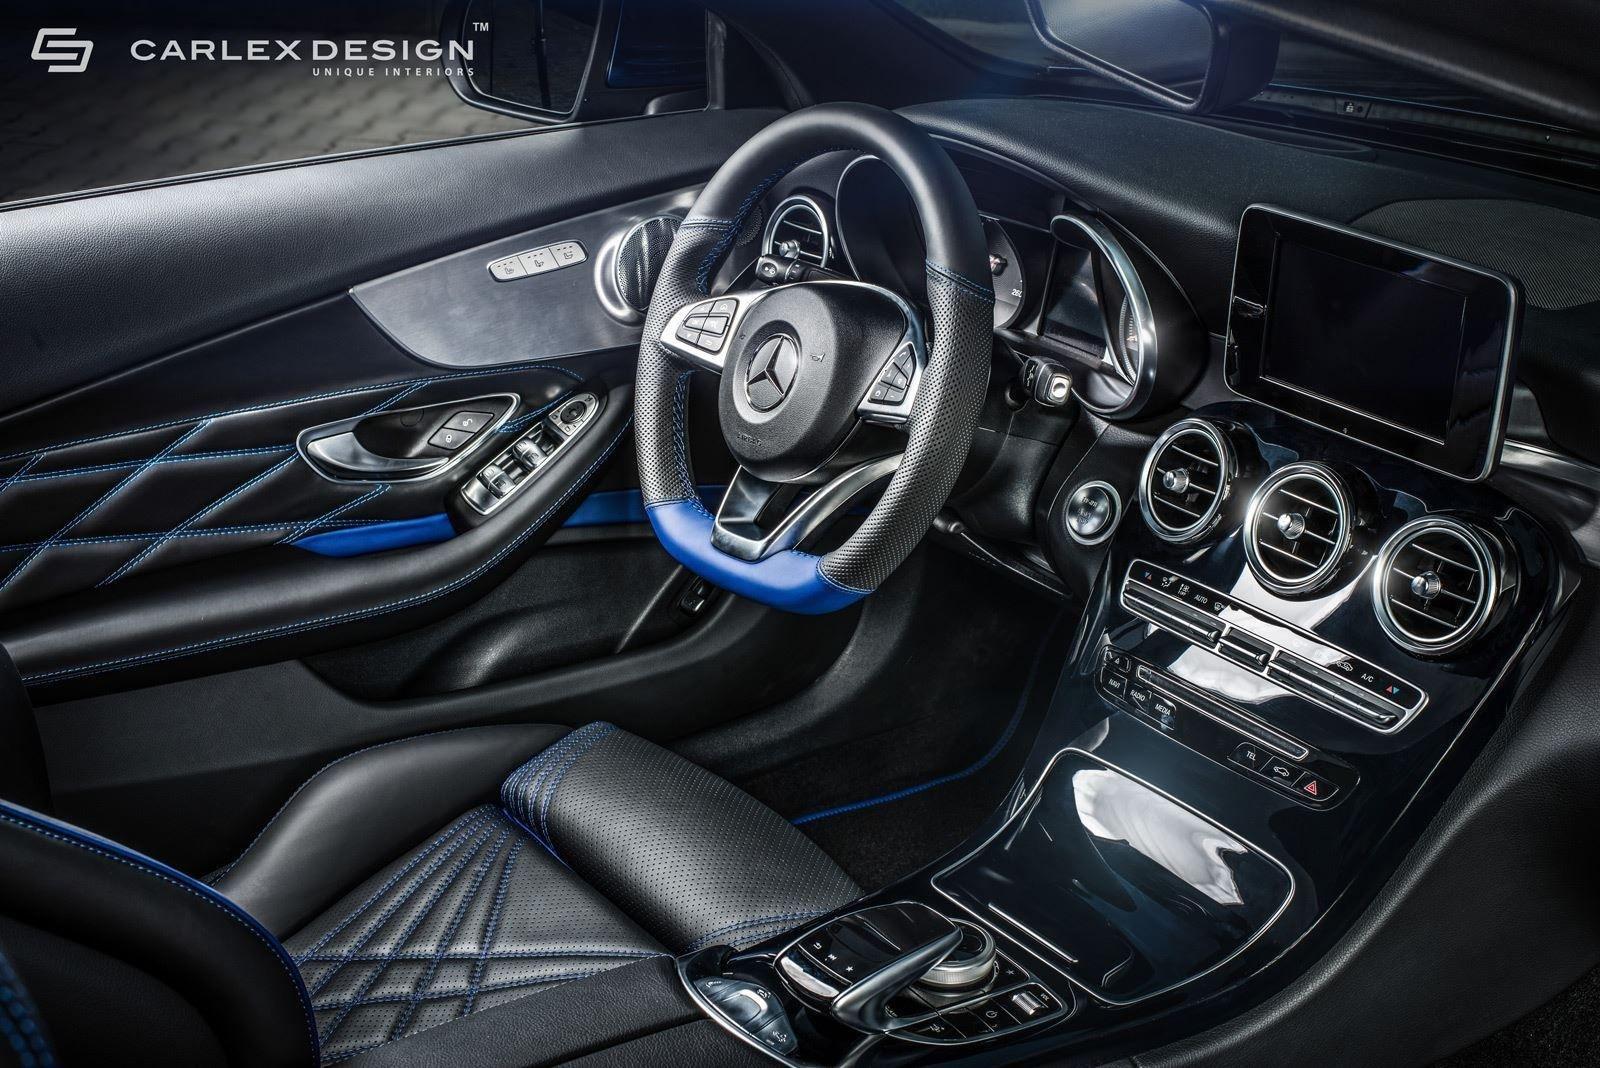 Mercedes C-Class Cabrio By Carlex Design (6)